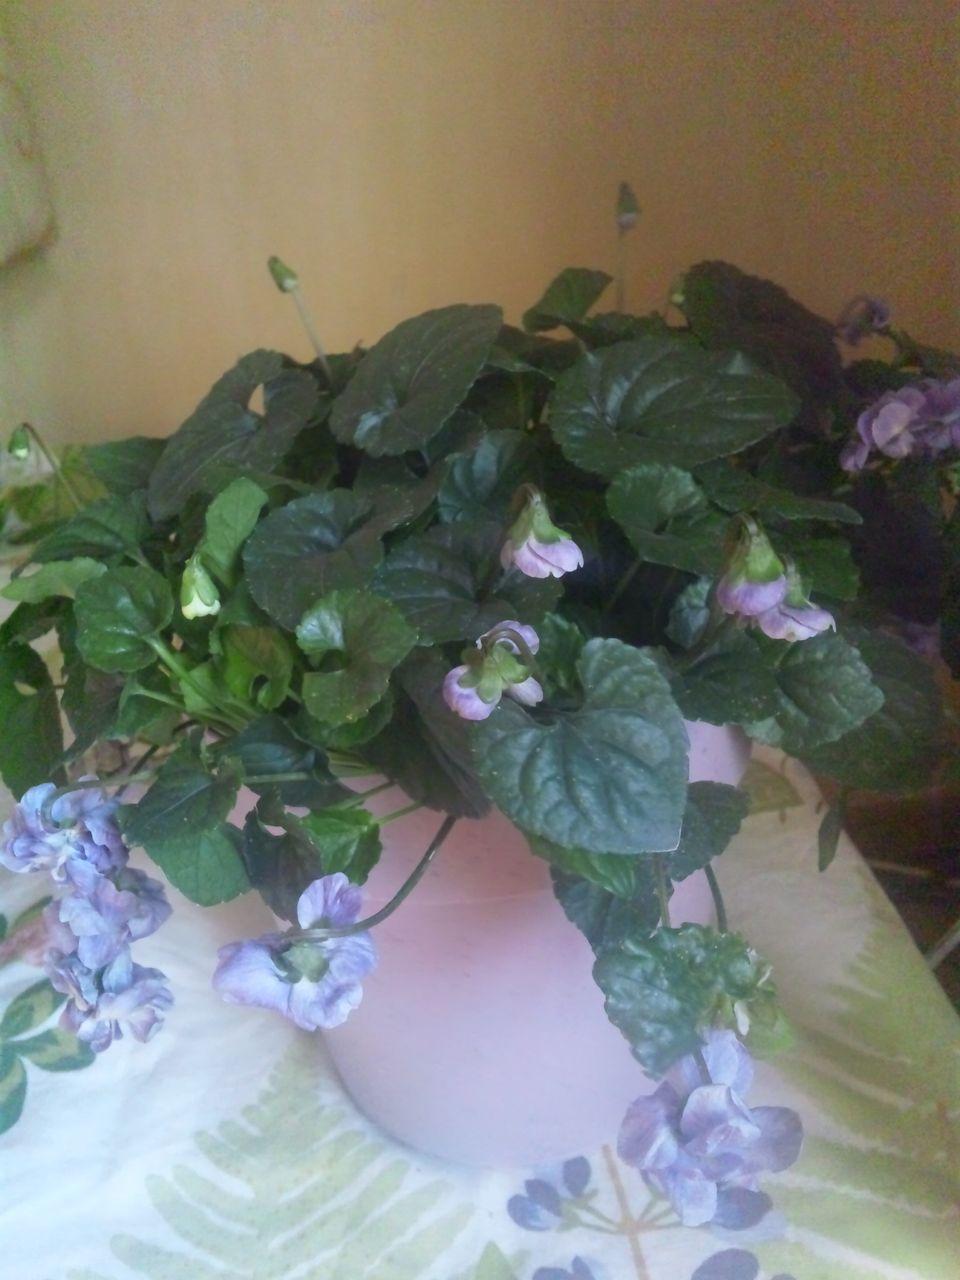 花ギフト|フラワーギフト|誕生日 花|カノシェ話題|スタンド花|ウエディングブーケ|花束|花屋|120211_092212